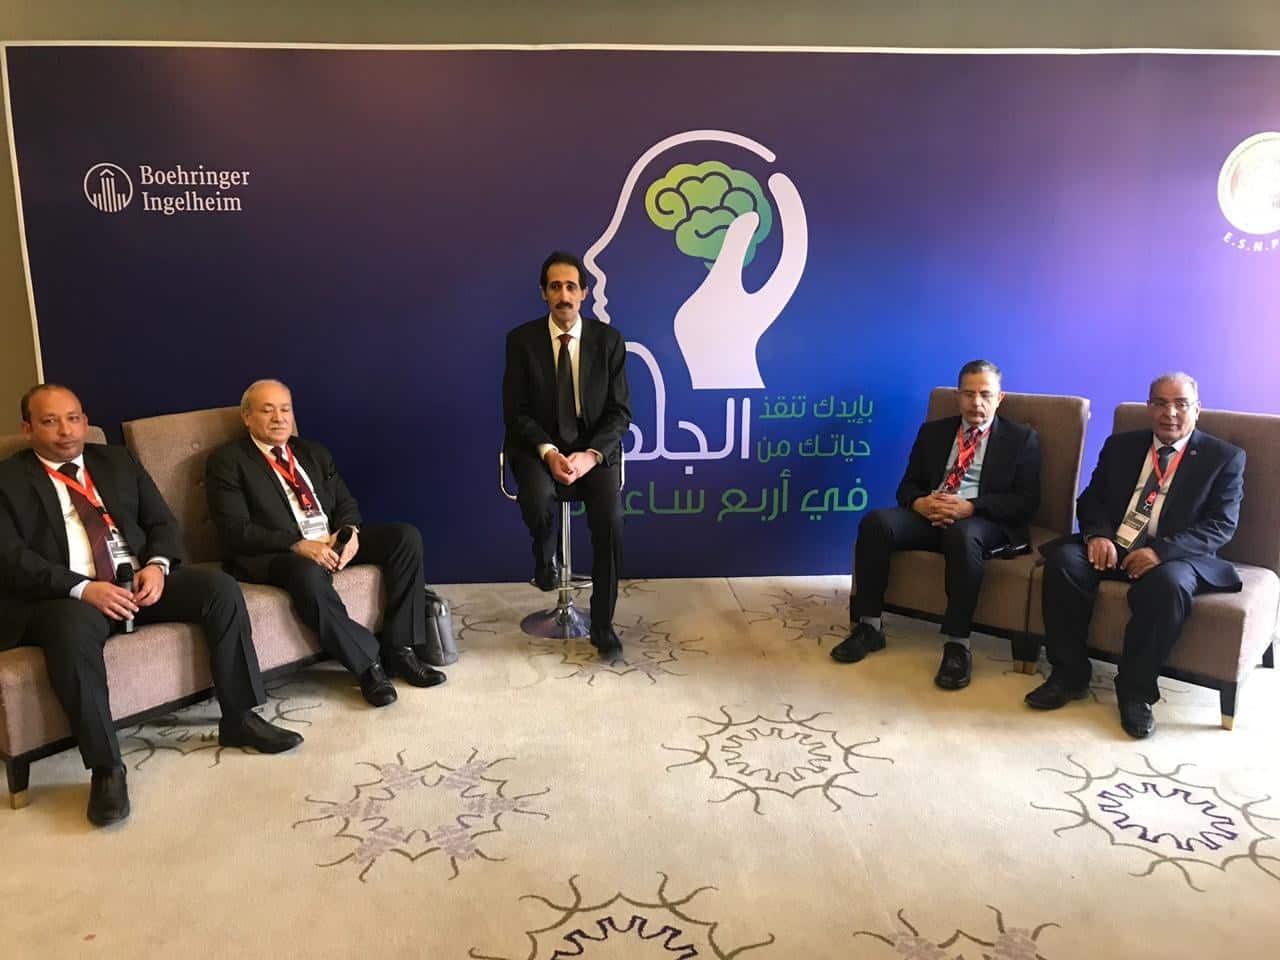 أطلاق حملة للوقاية من خطر السكتة الدماغية في مصر